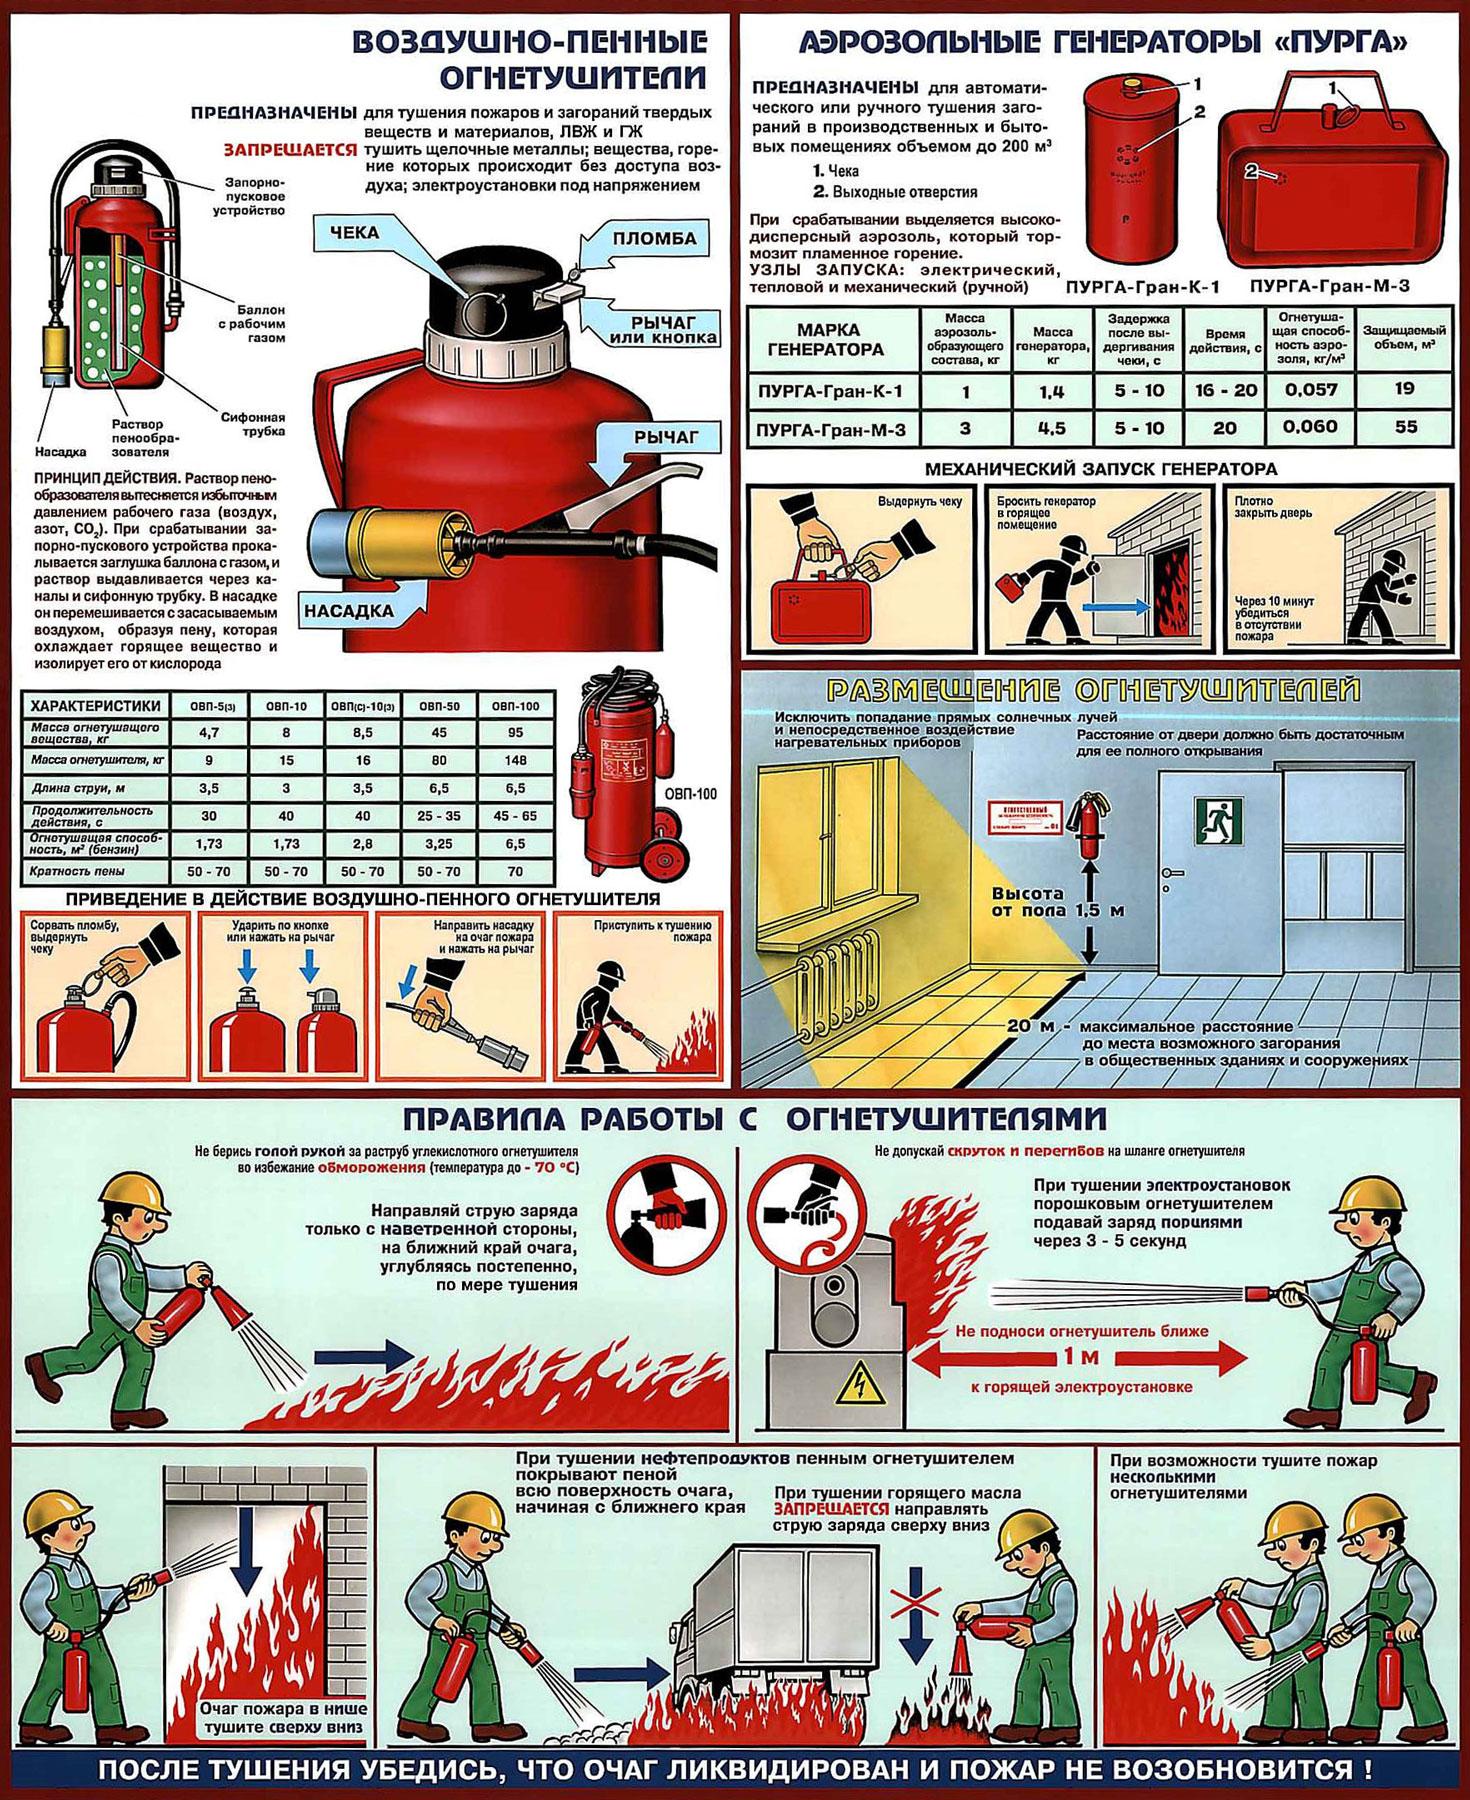 Инструкция применения порошкового огнетушителя